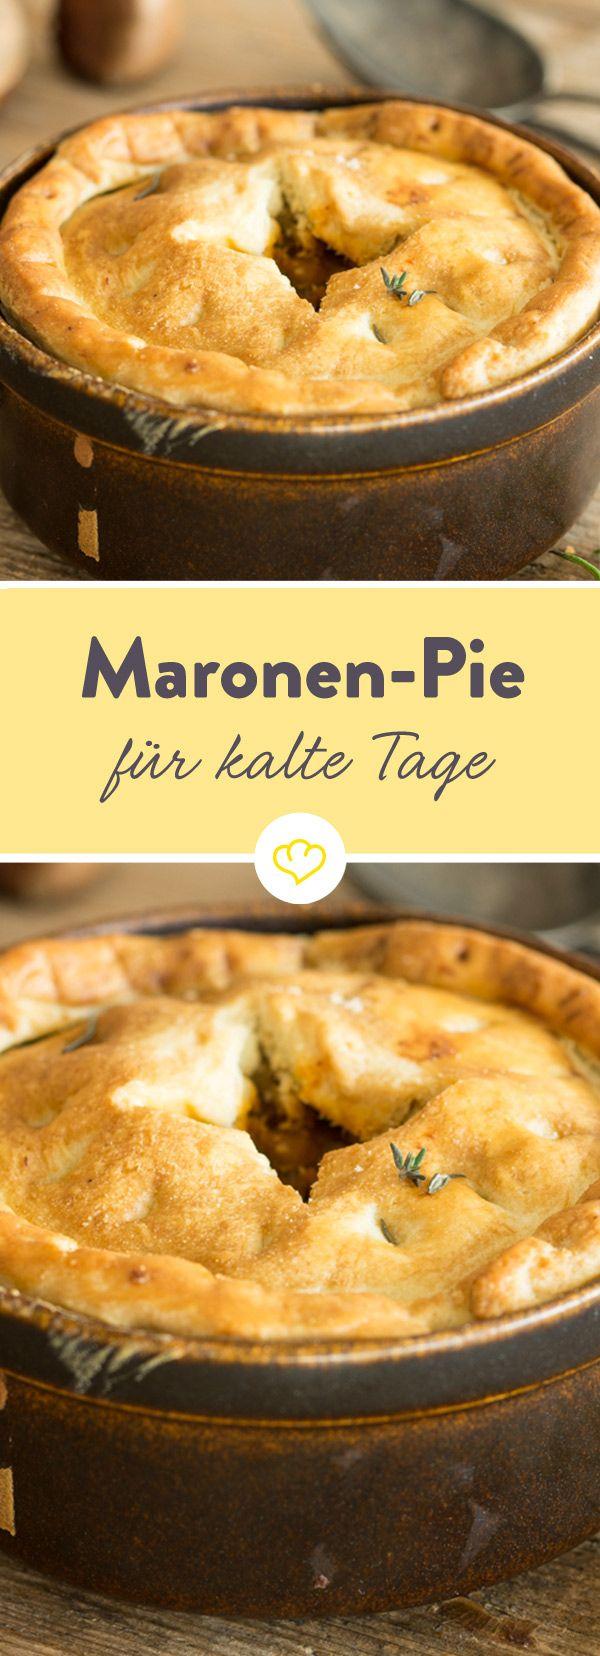 Maronen-Pastete ist ein Gericht, das ein wenig Arbeit macht. Aber die Herbstspeise mit Pilzen, Esskastanien und goldenem Teighäubchen ist jede Mühe wert!